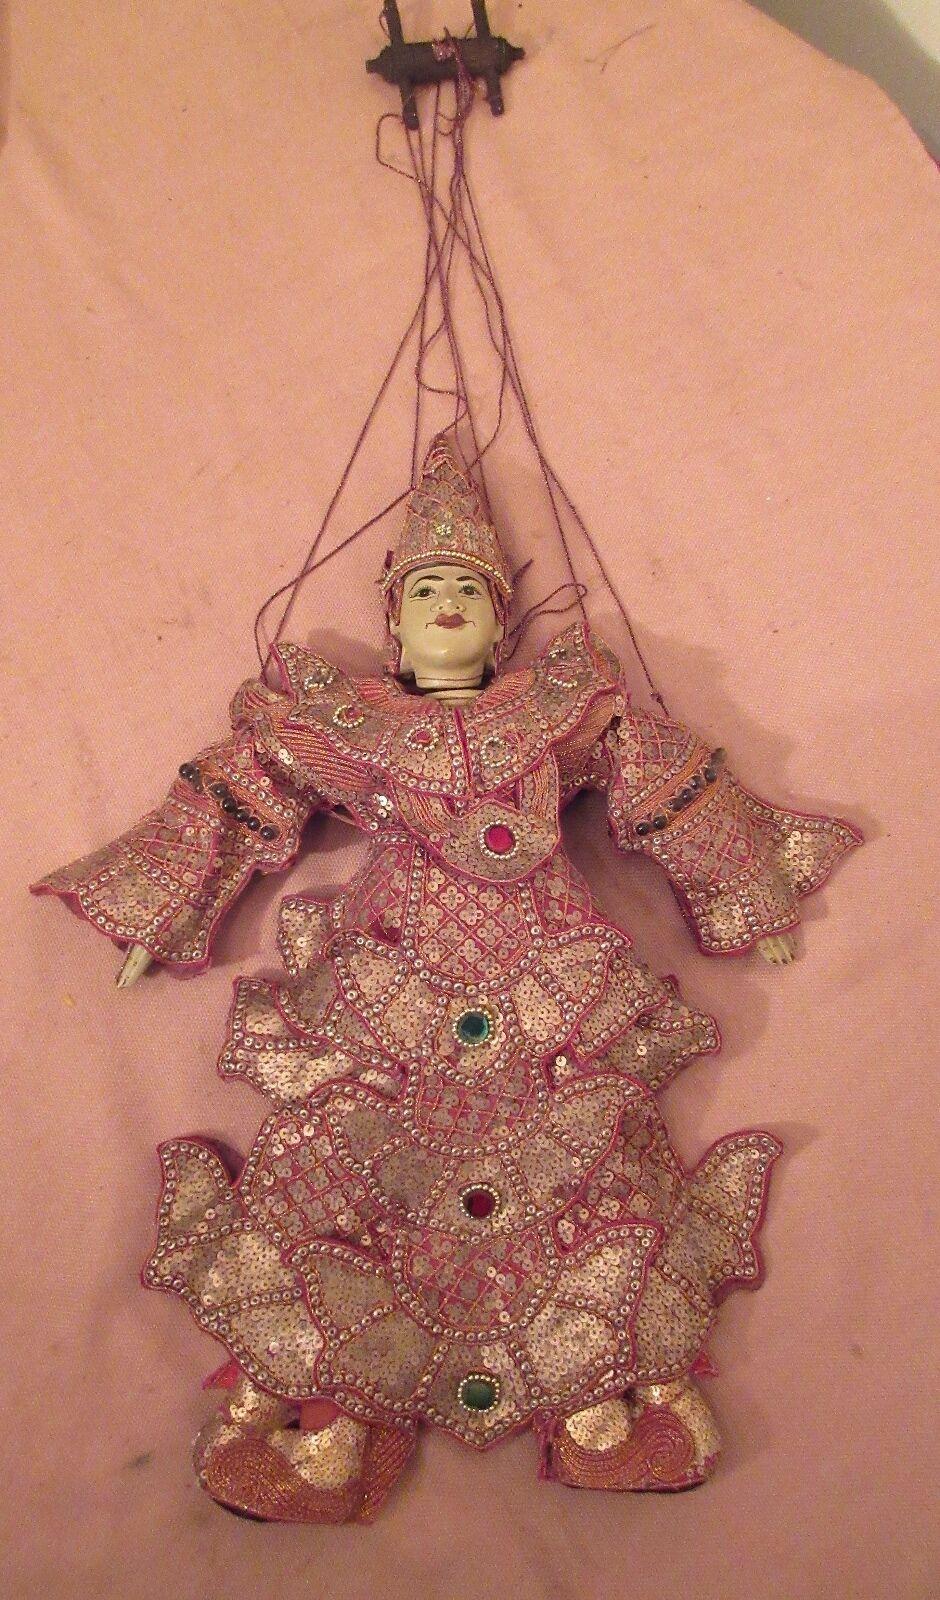 大ヴィンテージハンド彫刻されたビルマアジアの操り人形は、彫刻彫刻ビーズ